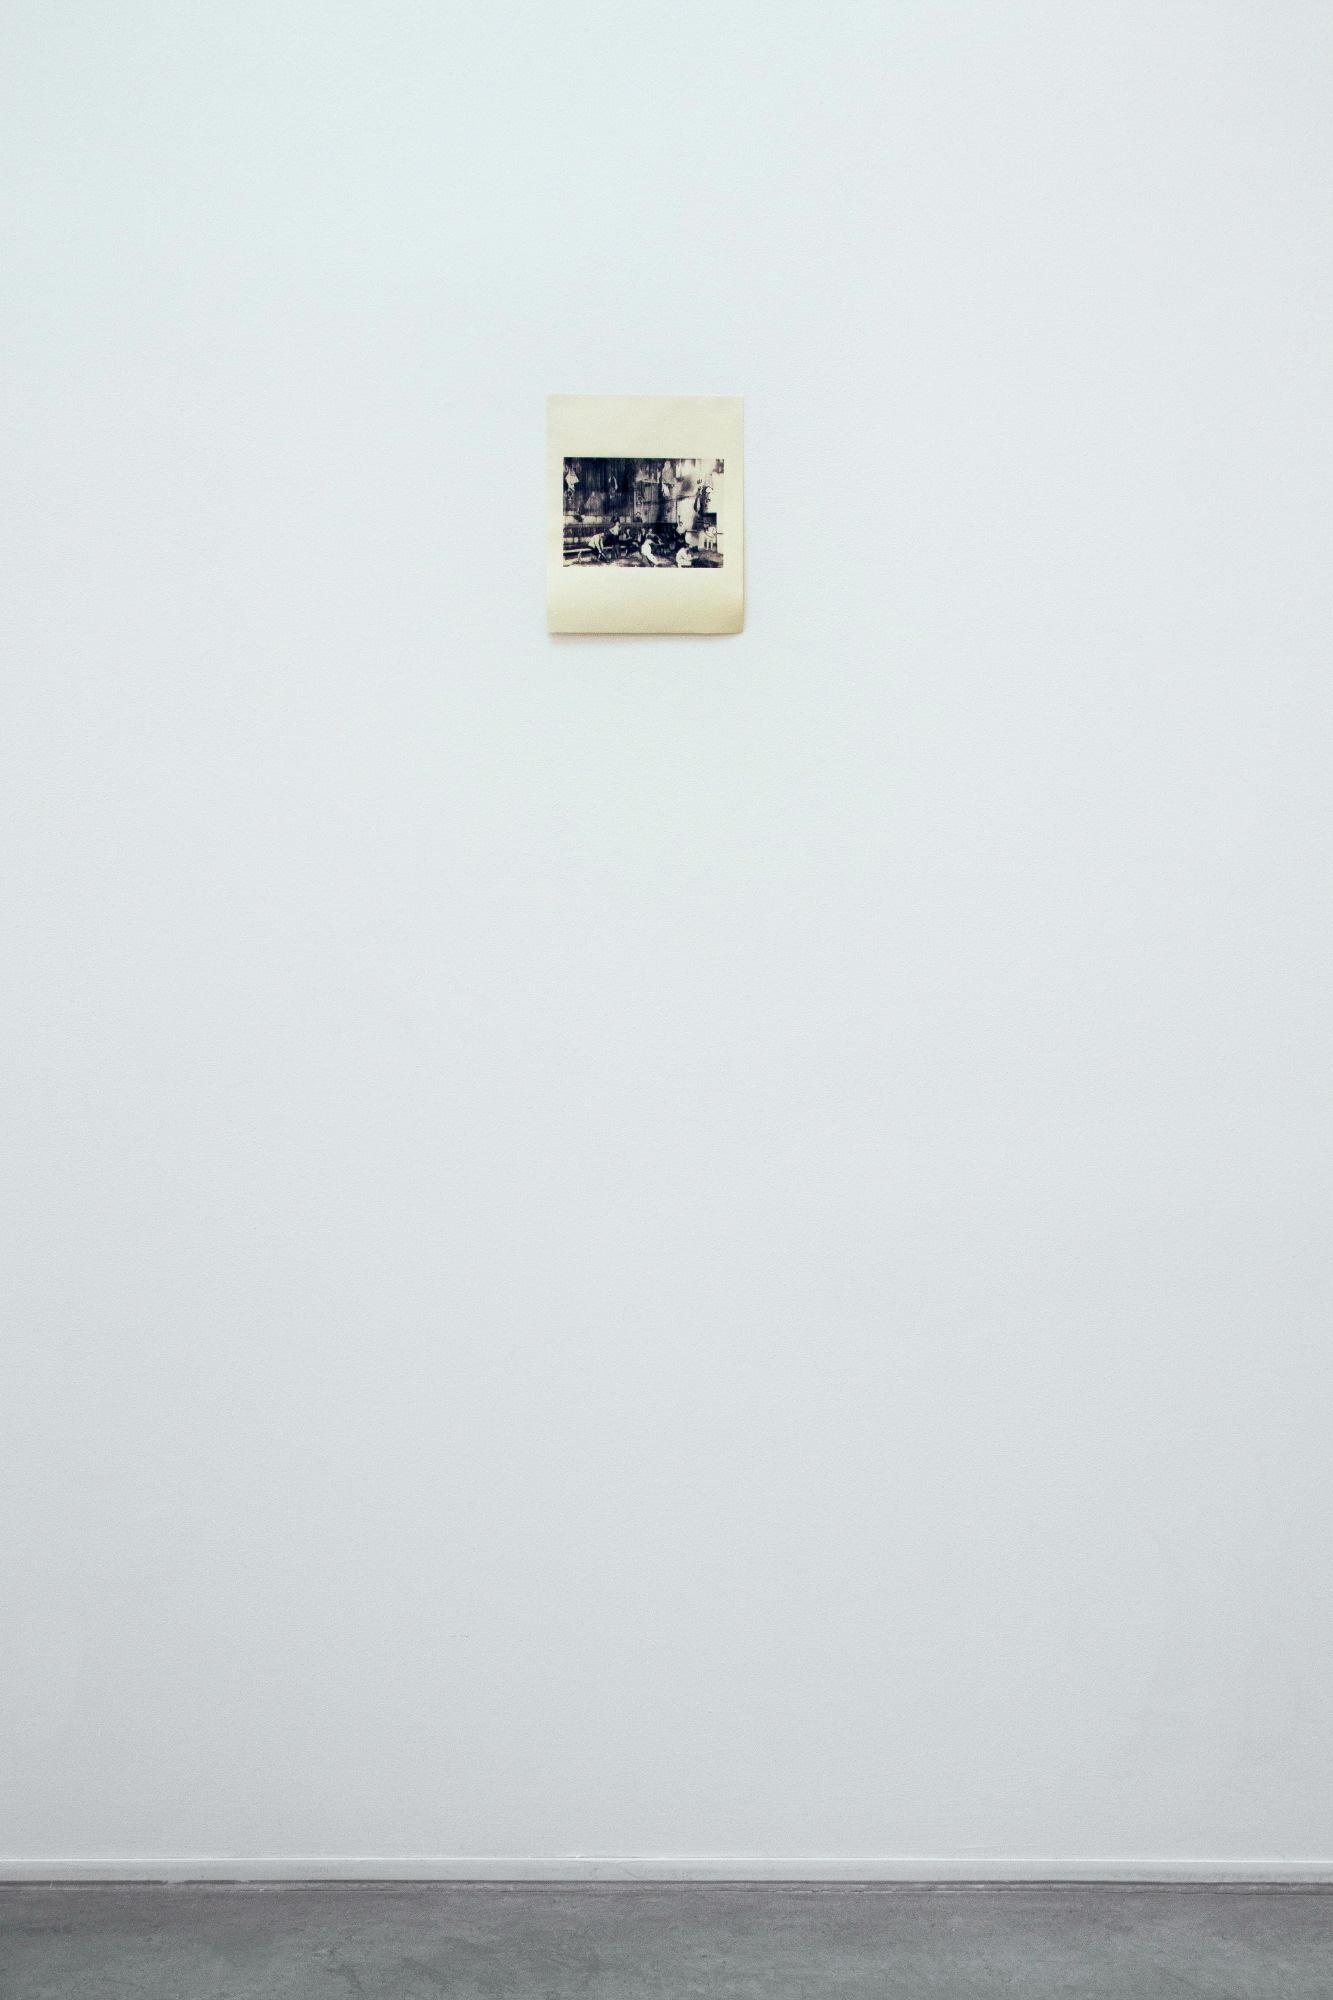 'ksero nr.1' technika: znaleziona odbitka kserograficzna/ekspozycja centralna, zgodnie zzasadą: środek kadru nawysokości wzroku fot.Łukasz Szymczyk / dzięki uprzejmości CSW Kronika